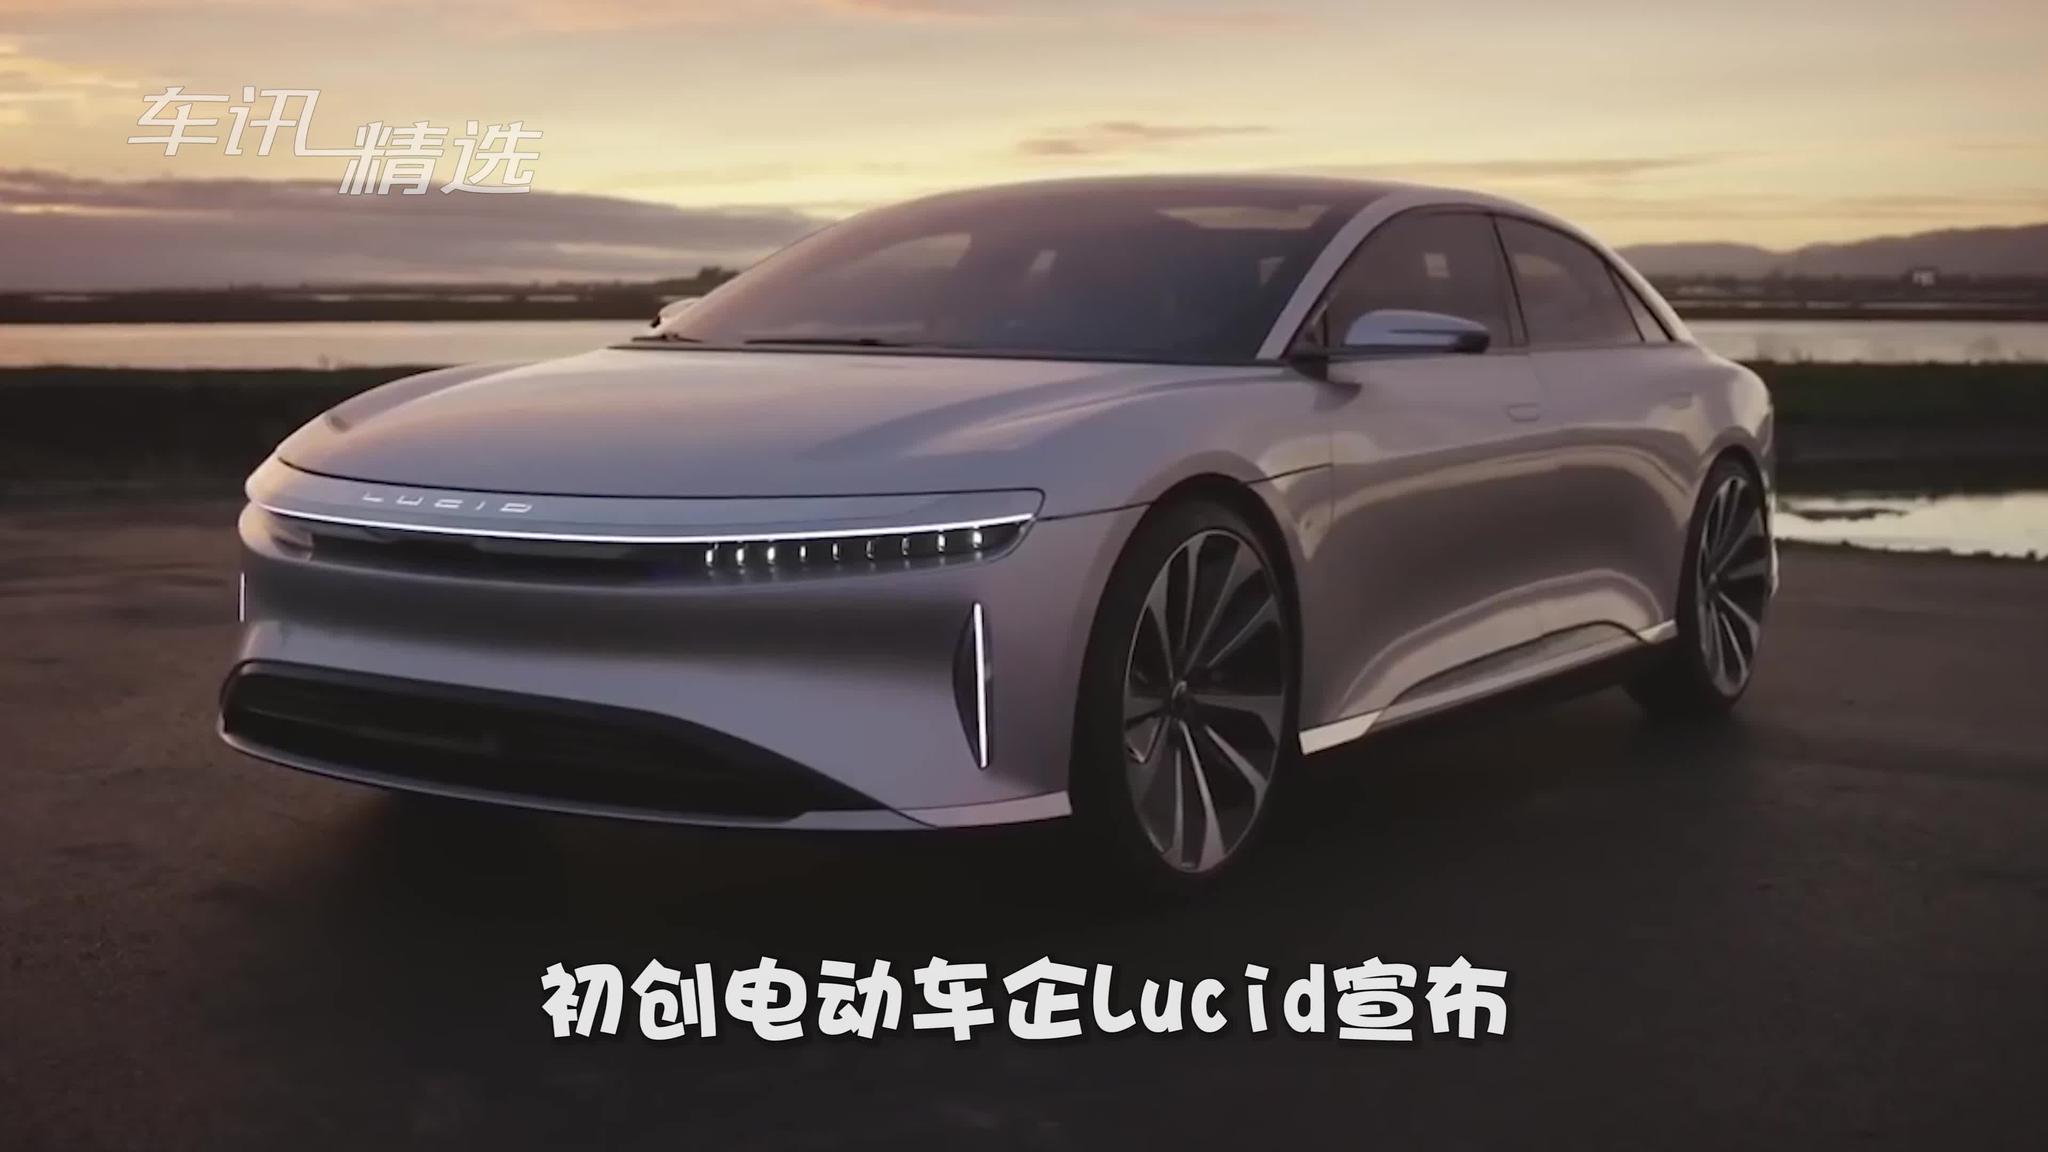 贾跃亭投资的电动车将发布,地表最低风阻,极速高达378km